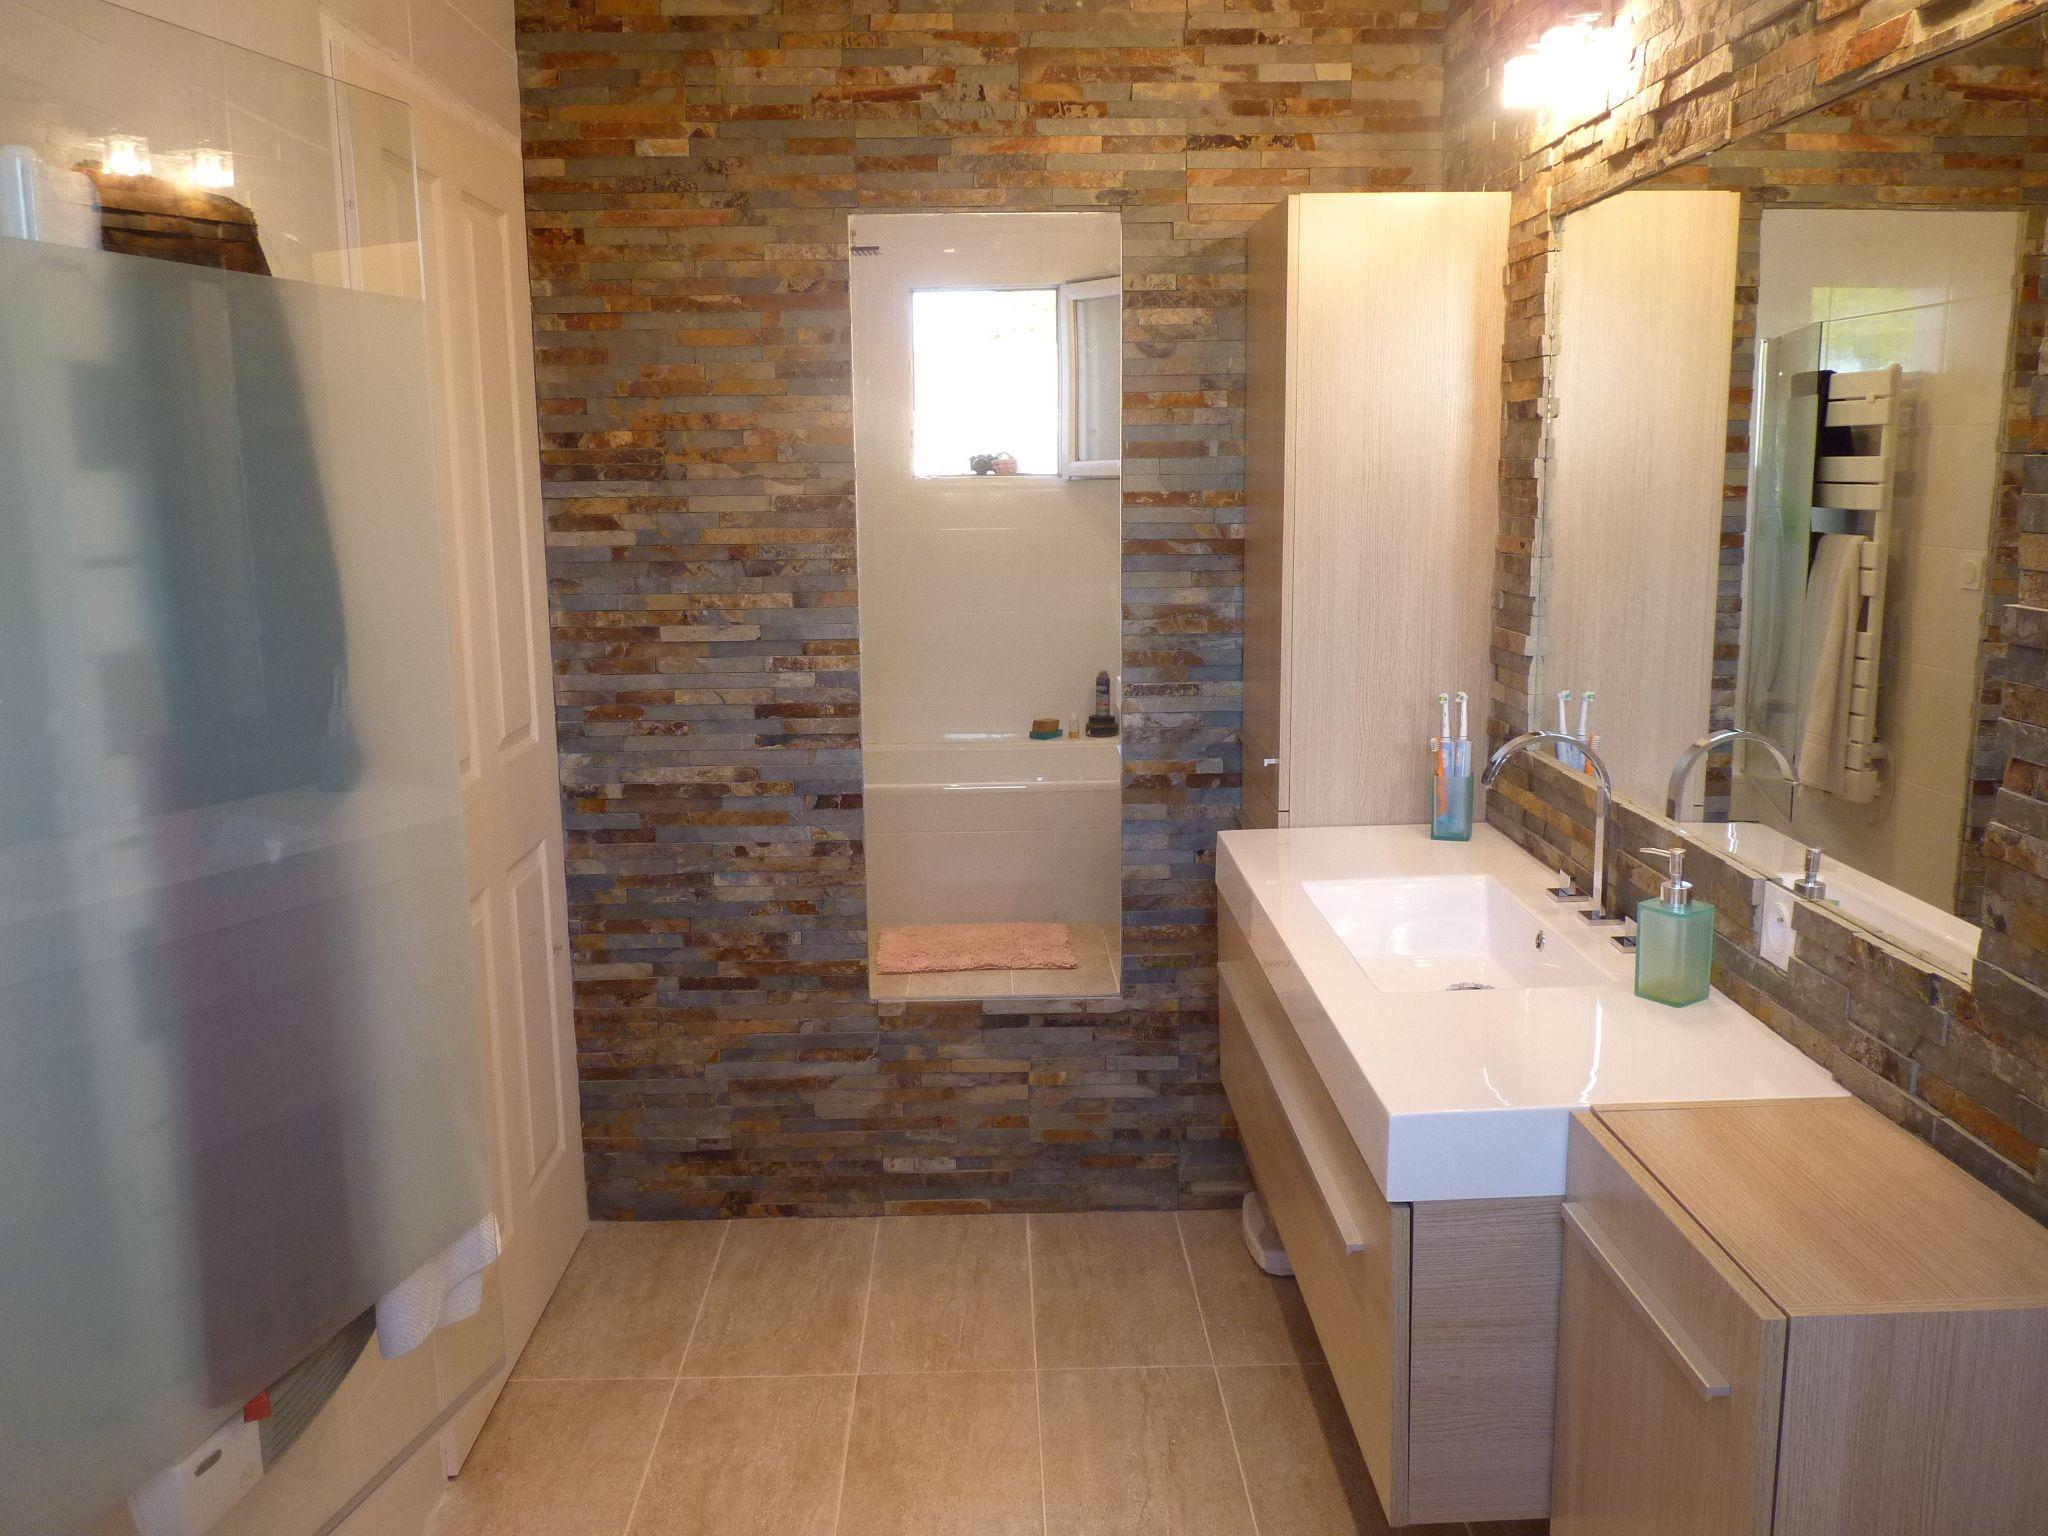 Salle De Bain Brique salle de bain - parement pierre façon briques - meubles